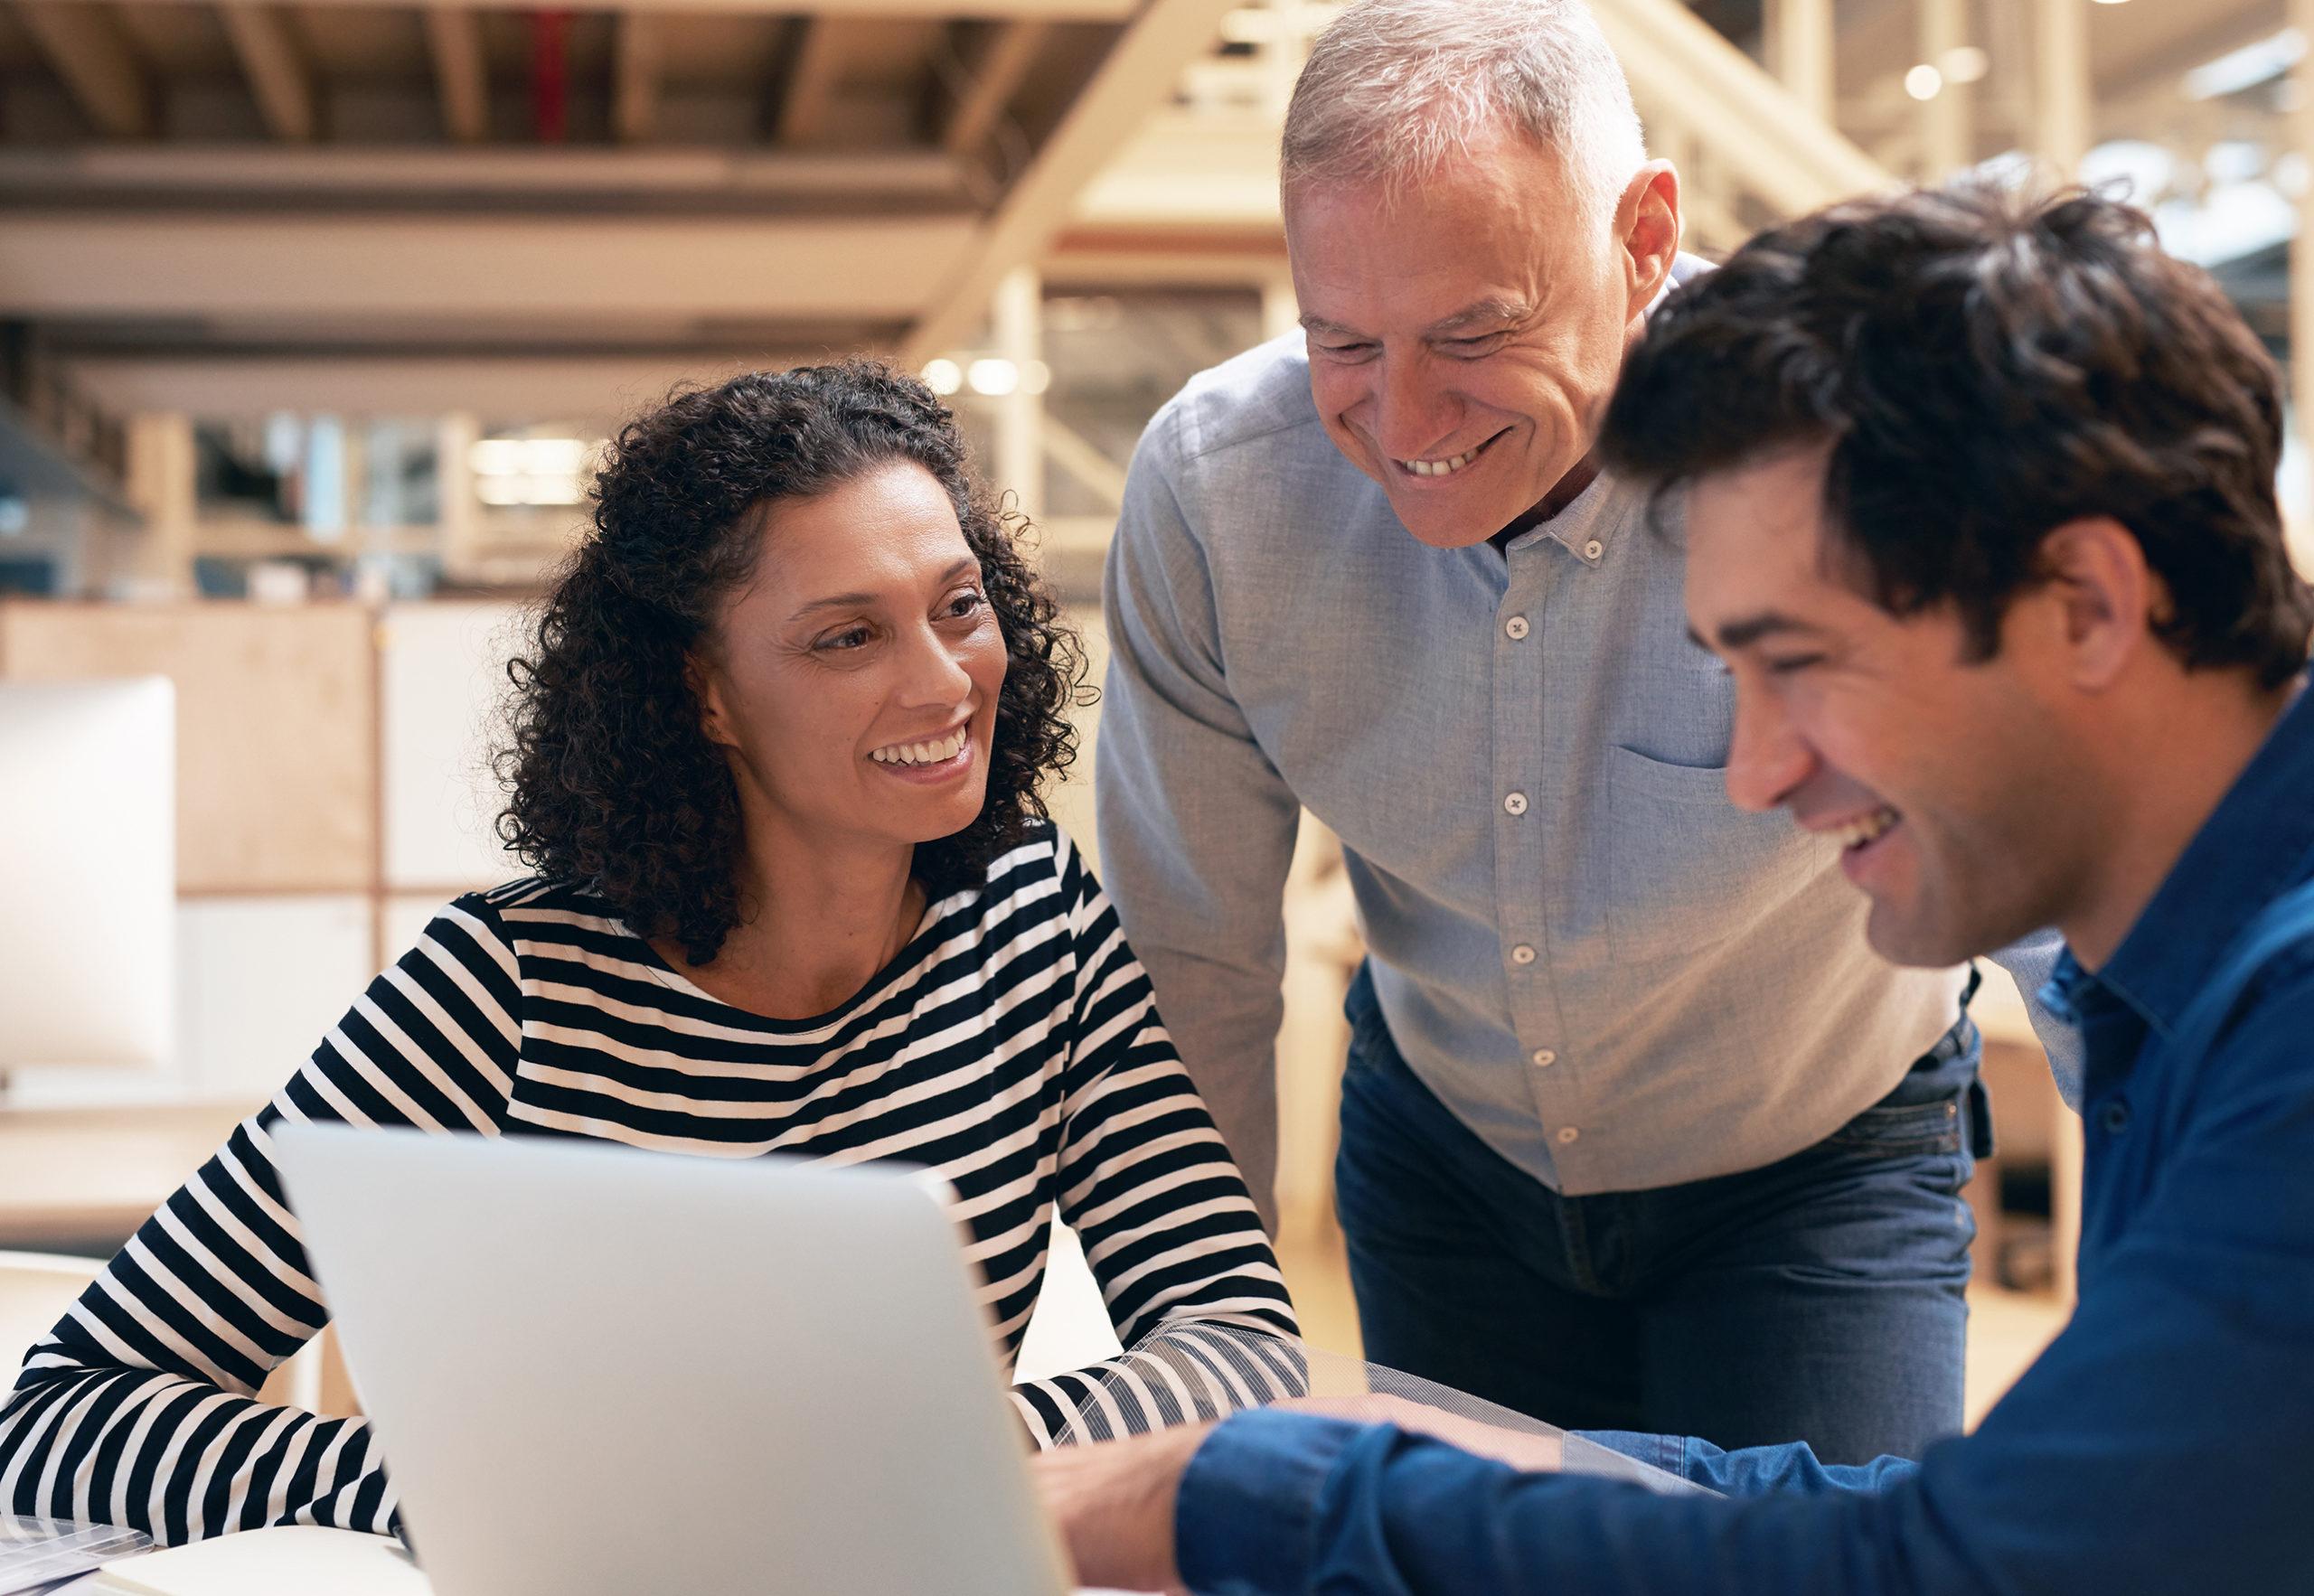 Digitale Führung braucht mehr als nur Medienkompetenz. Die Demografieberatung verrät acht Regeln für die Führung virtueller Teams.